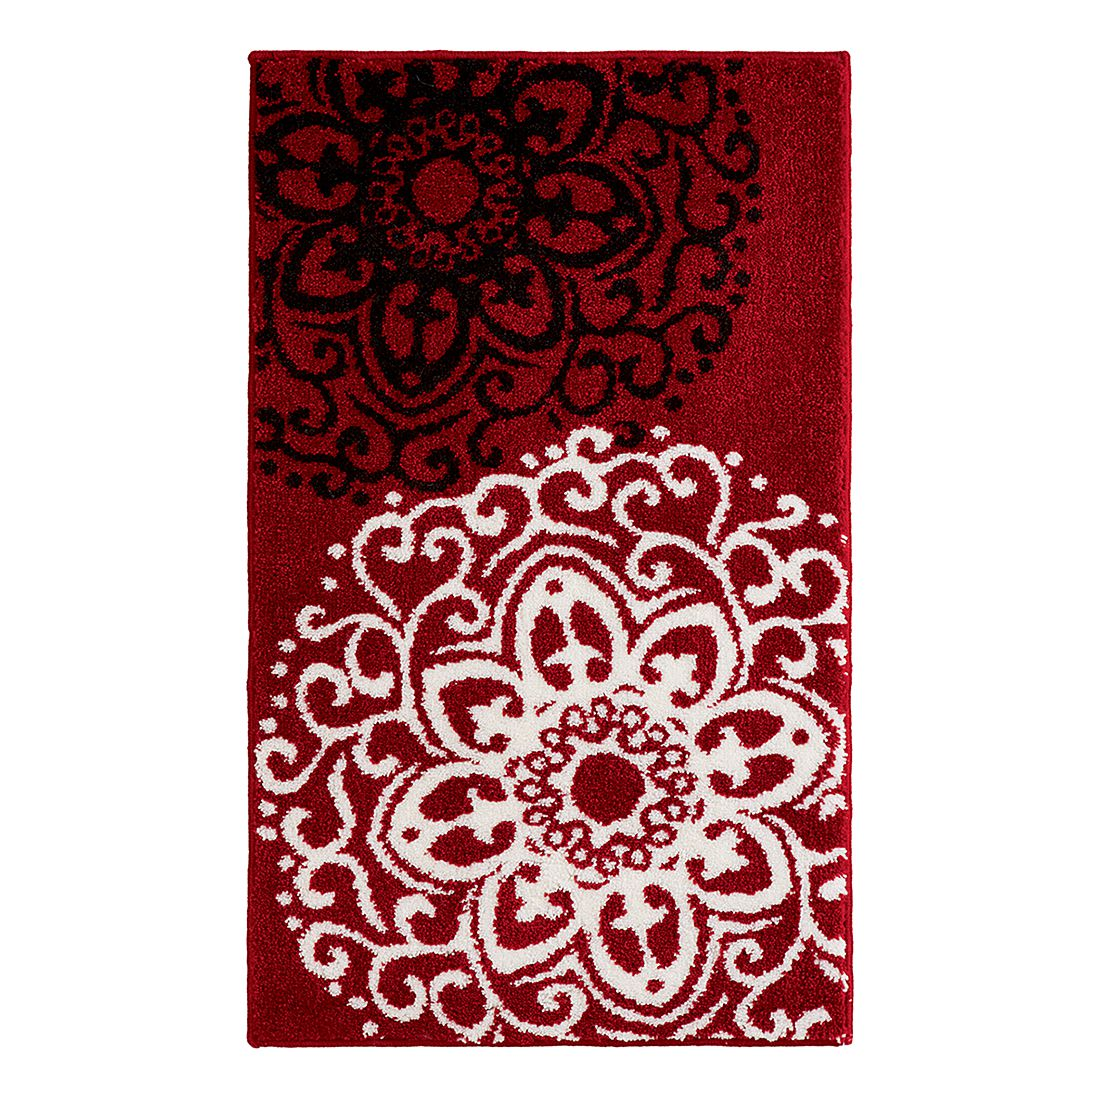 Badteppich Rosetta – Rot – WC-Vorlage ohne Ausschnitt, Grund günstig kaufen